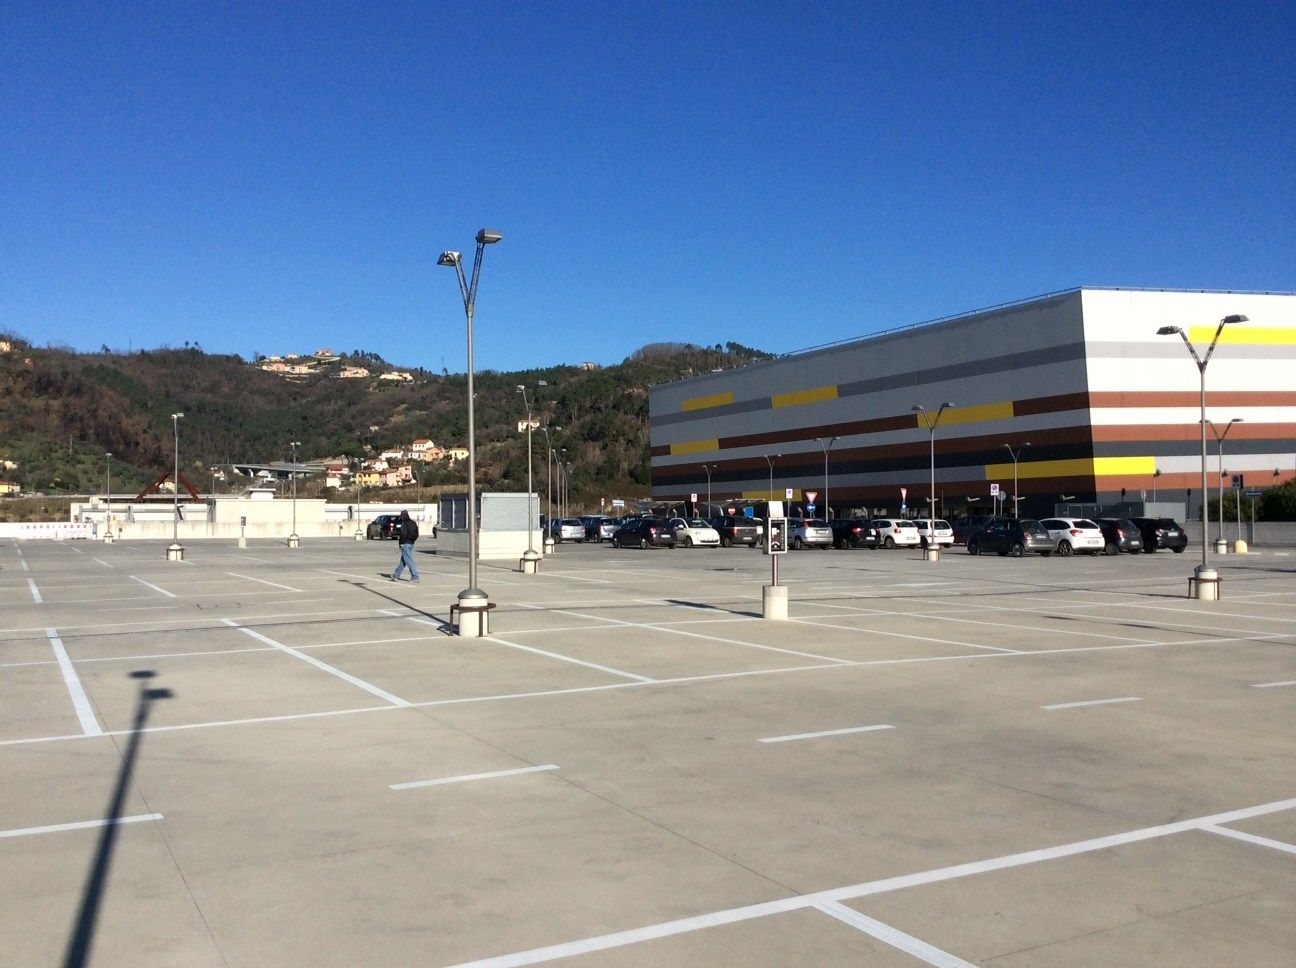 Parcheggio esterno del centro commerciale